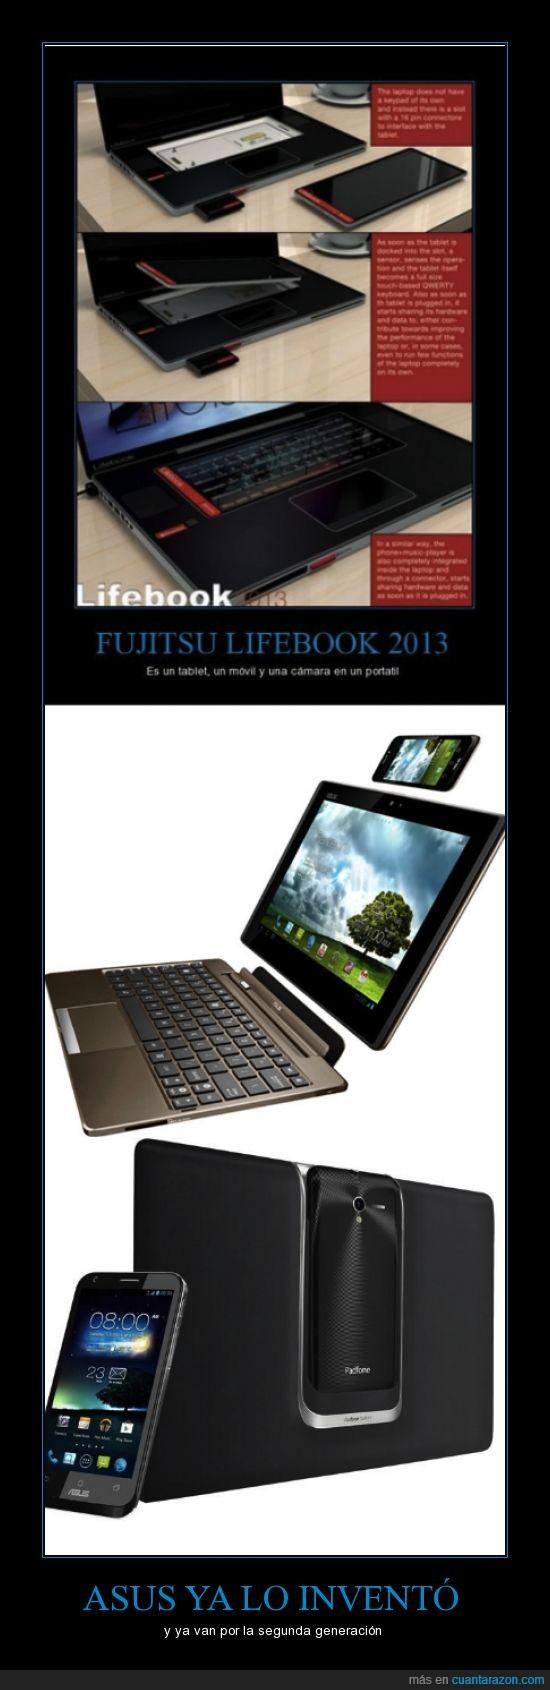 asus padfone,asus padfone2,fujitsu lifebook